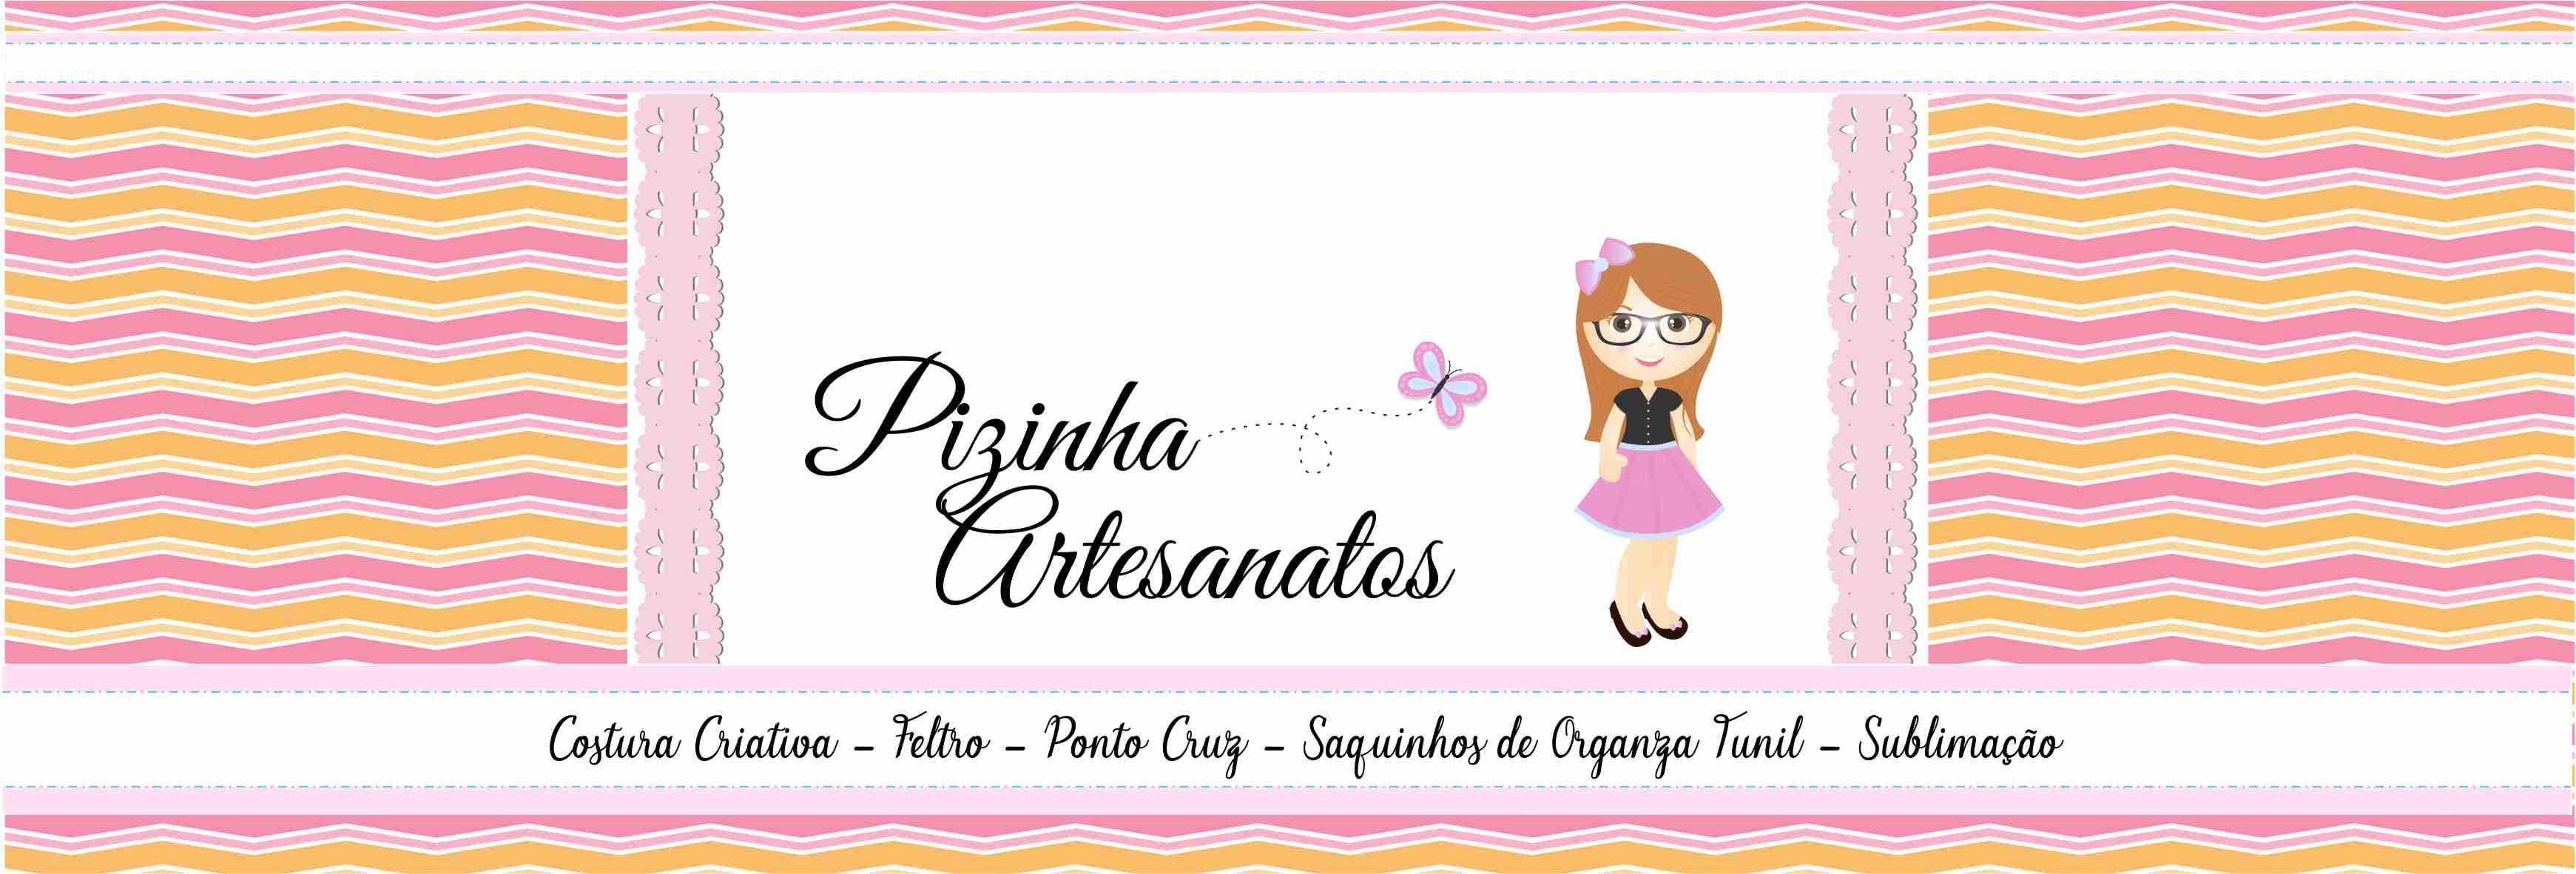 arte-para-o-blog-2